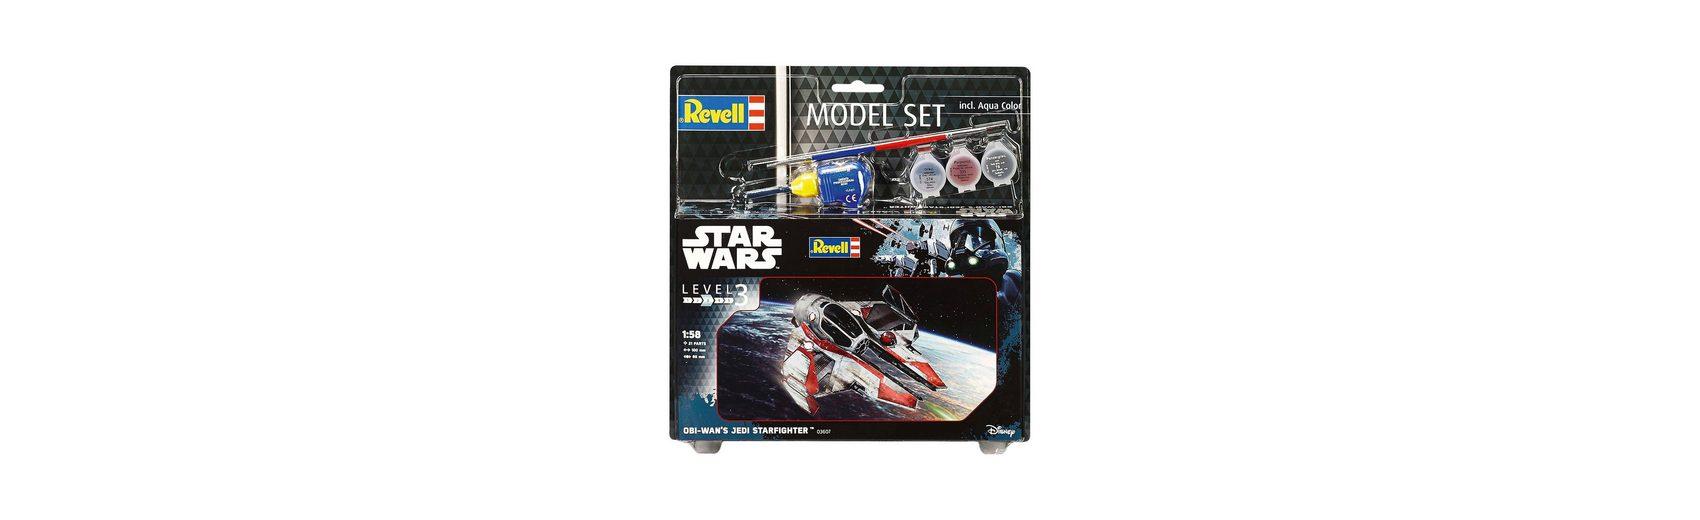 Revell Modellbausatz - Model Set Star Wars Obi Wan's Jedi Starfight